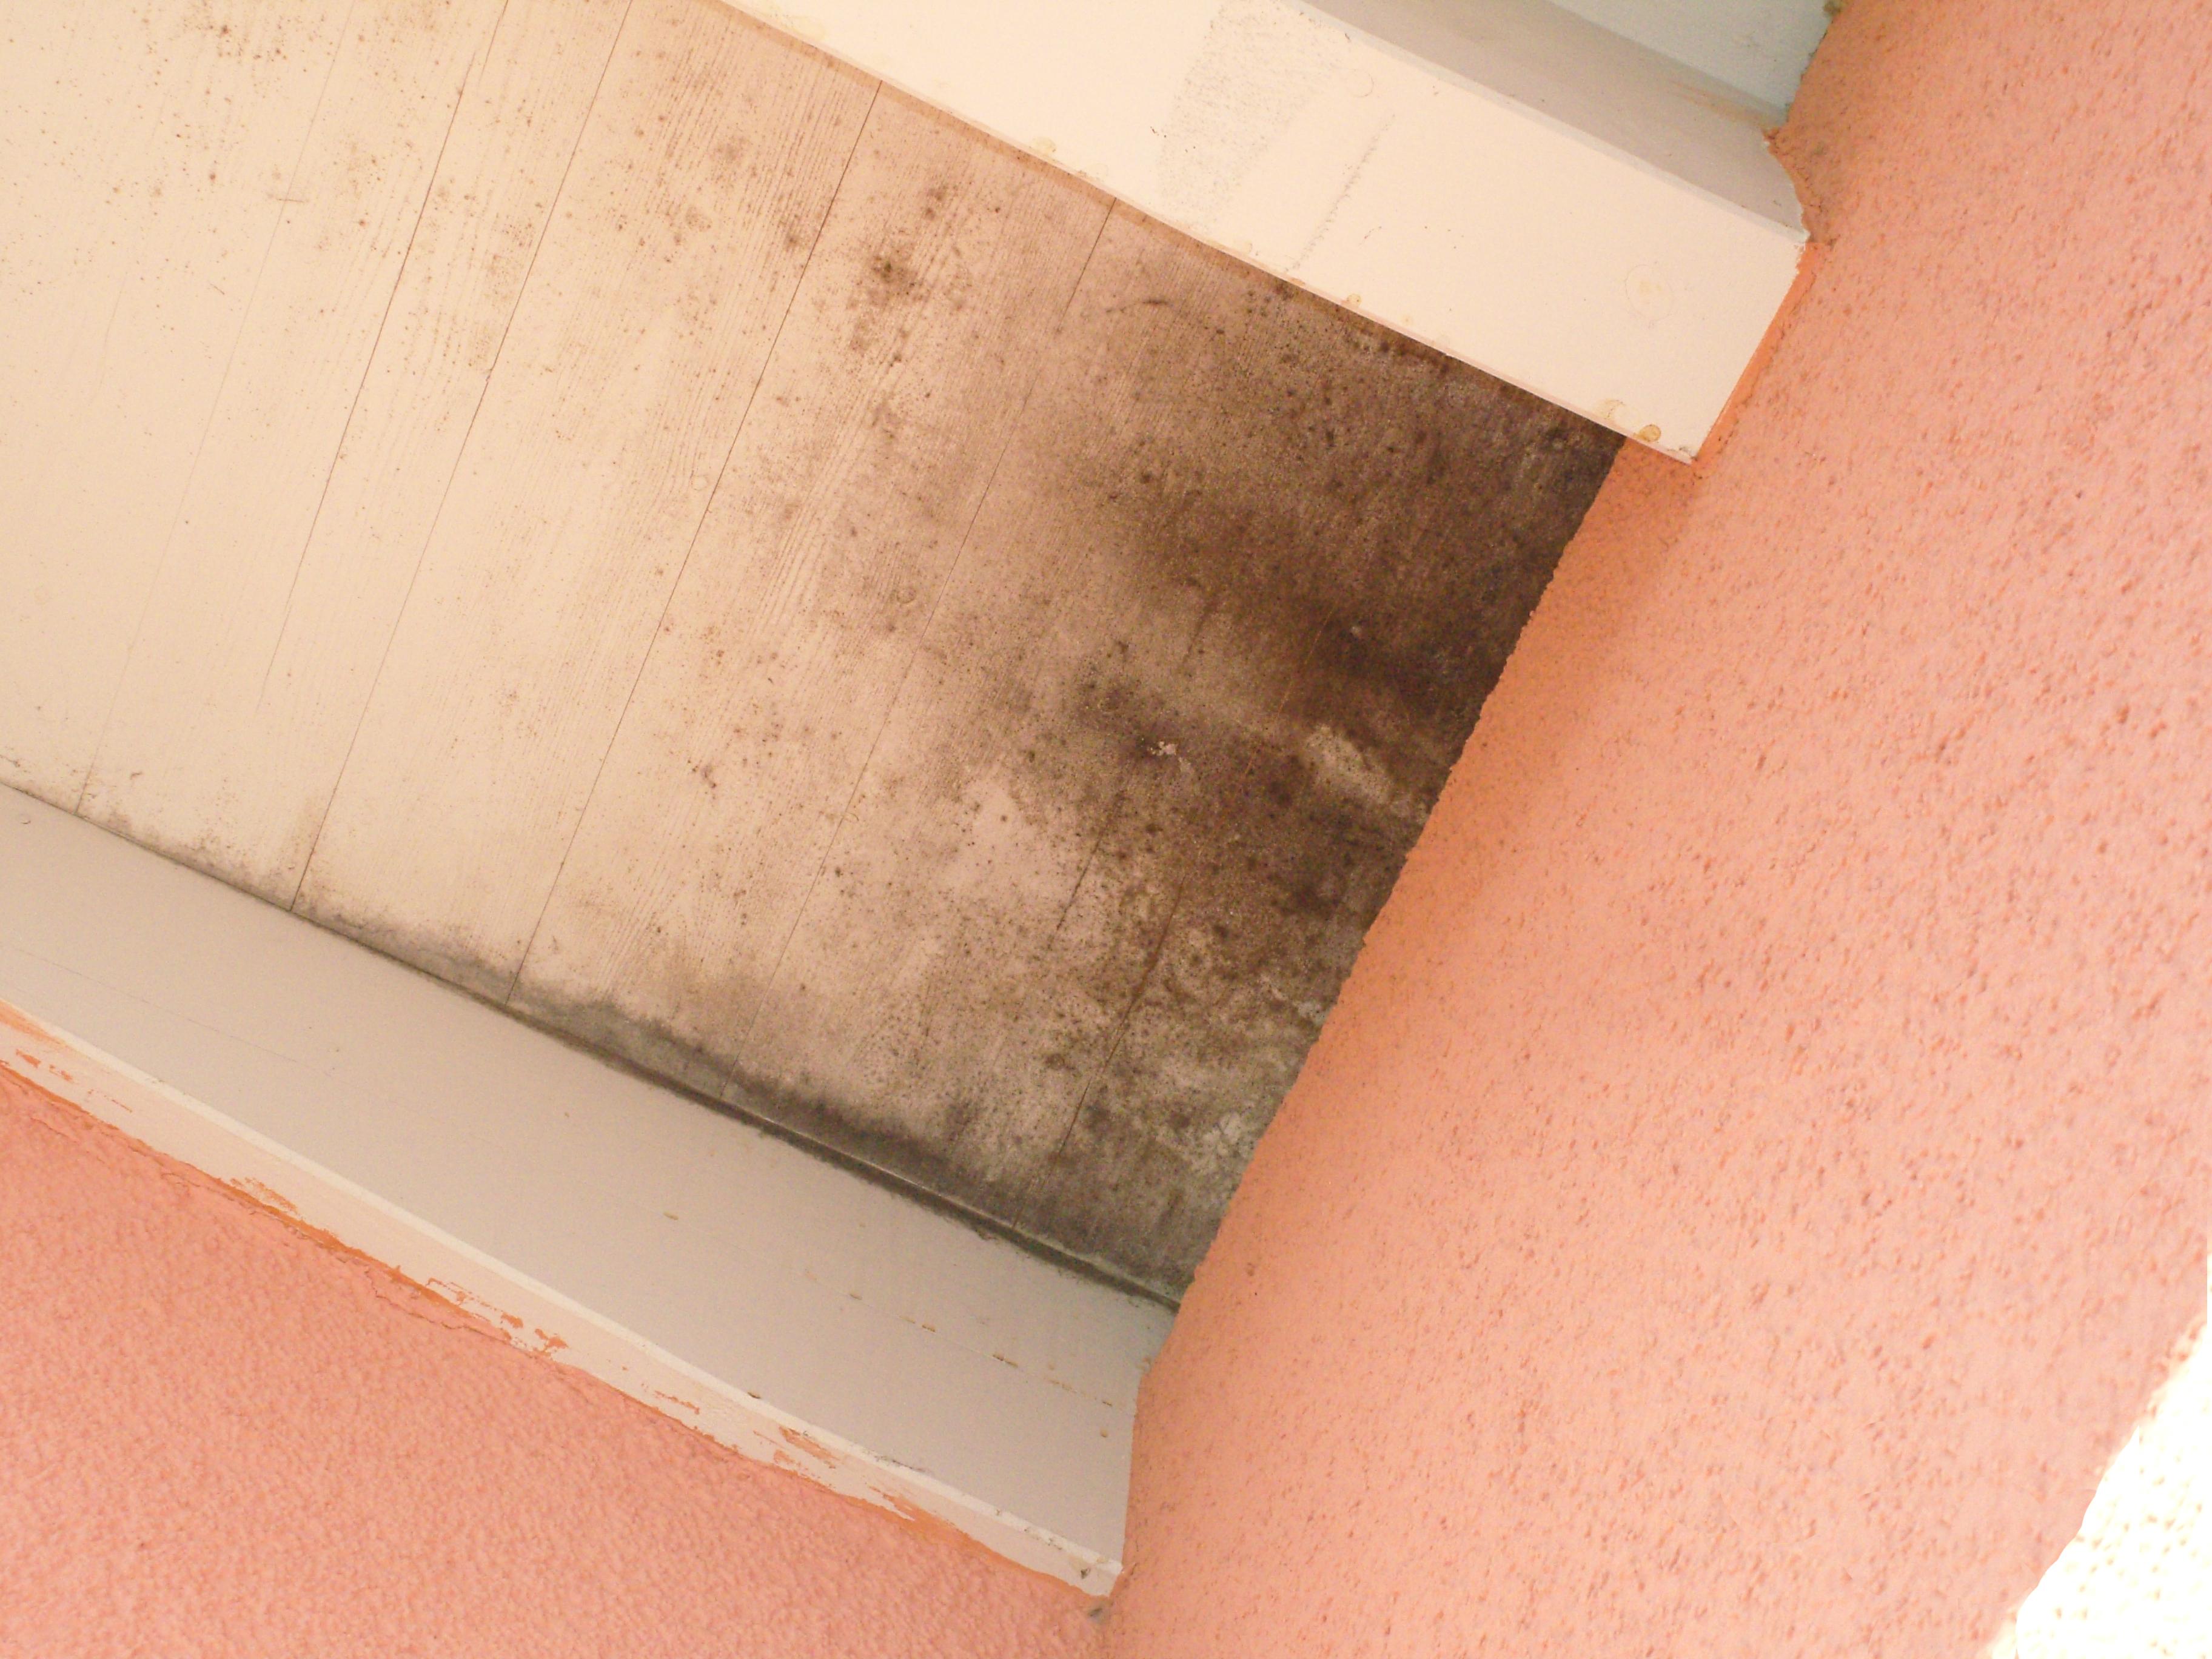 Dachüberstand wegen undichter Gebäudehülle